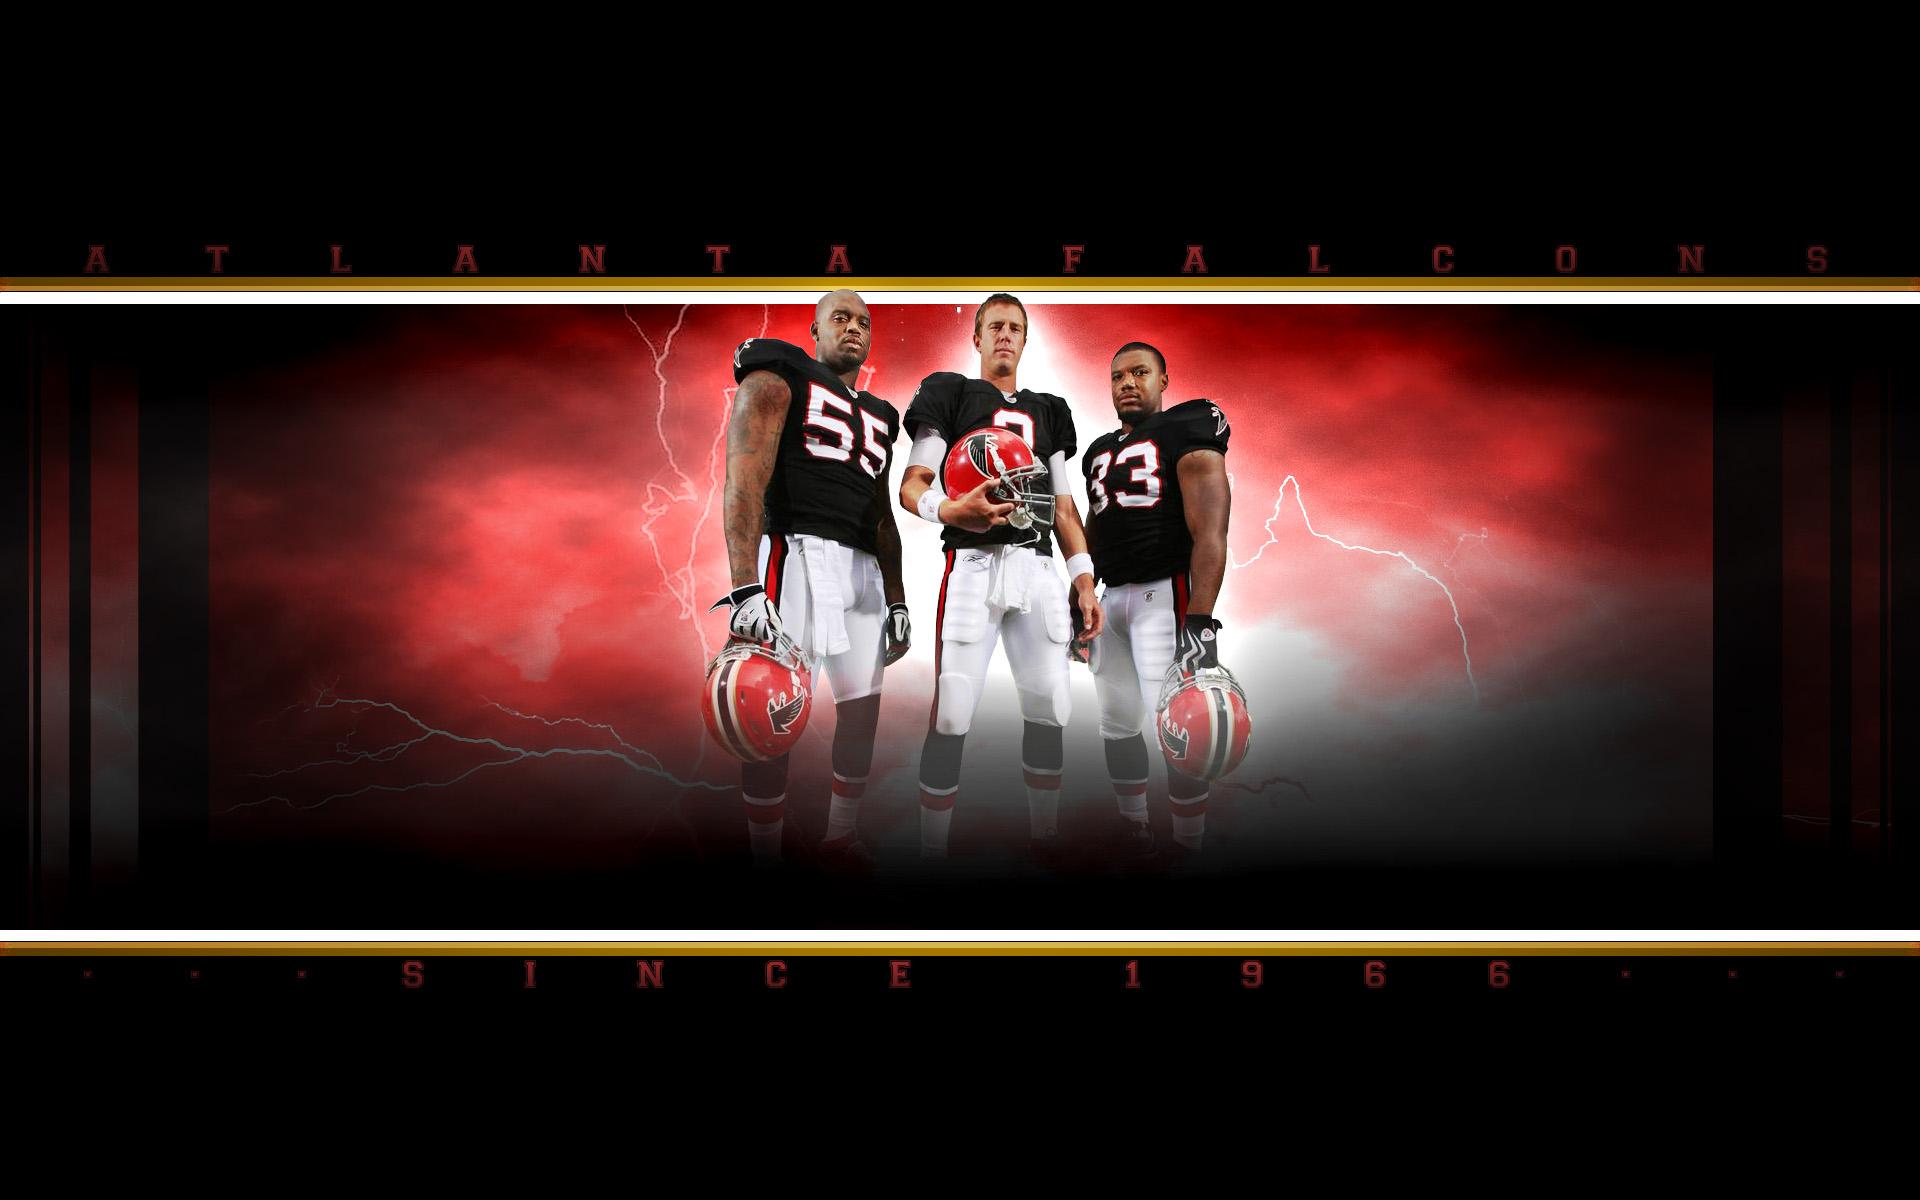 Atlanta Falcons Desktop Wallpaper   HD Wallpaper